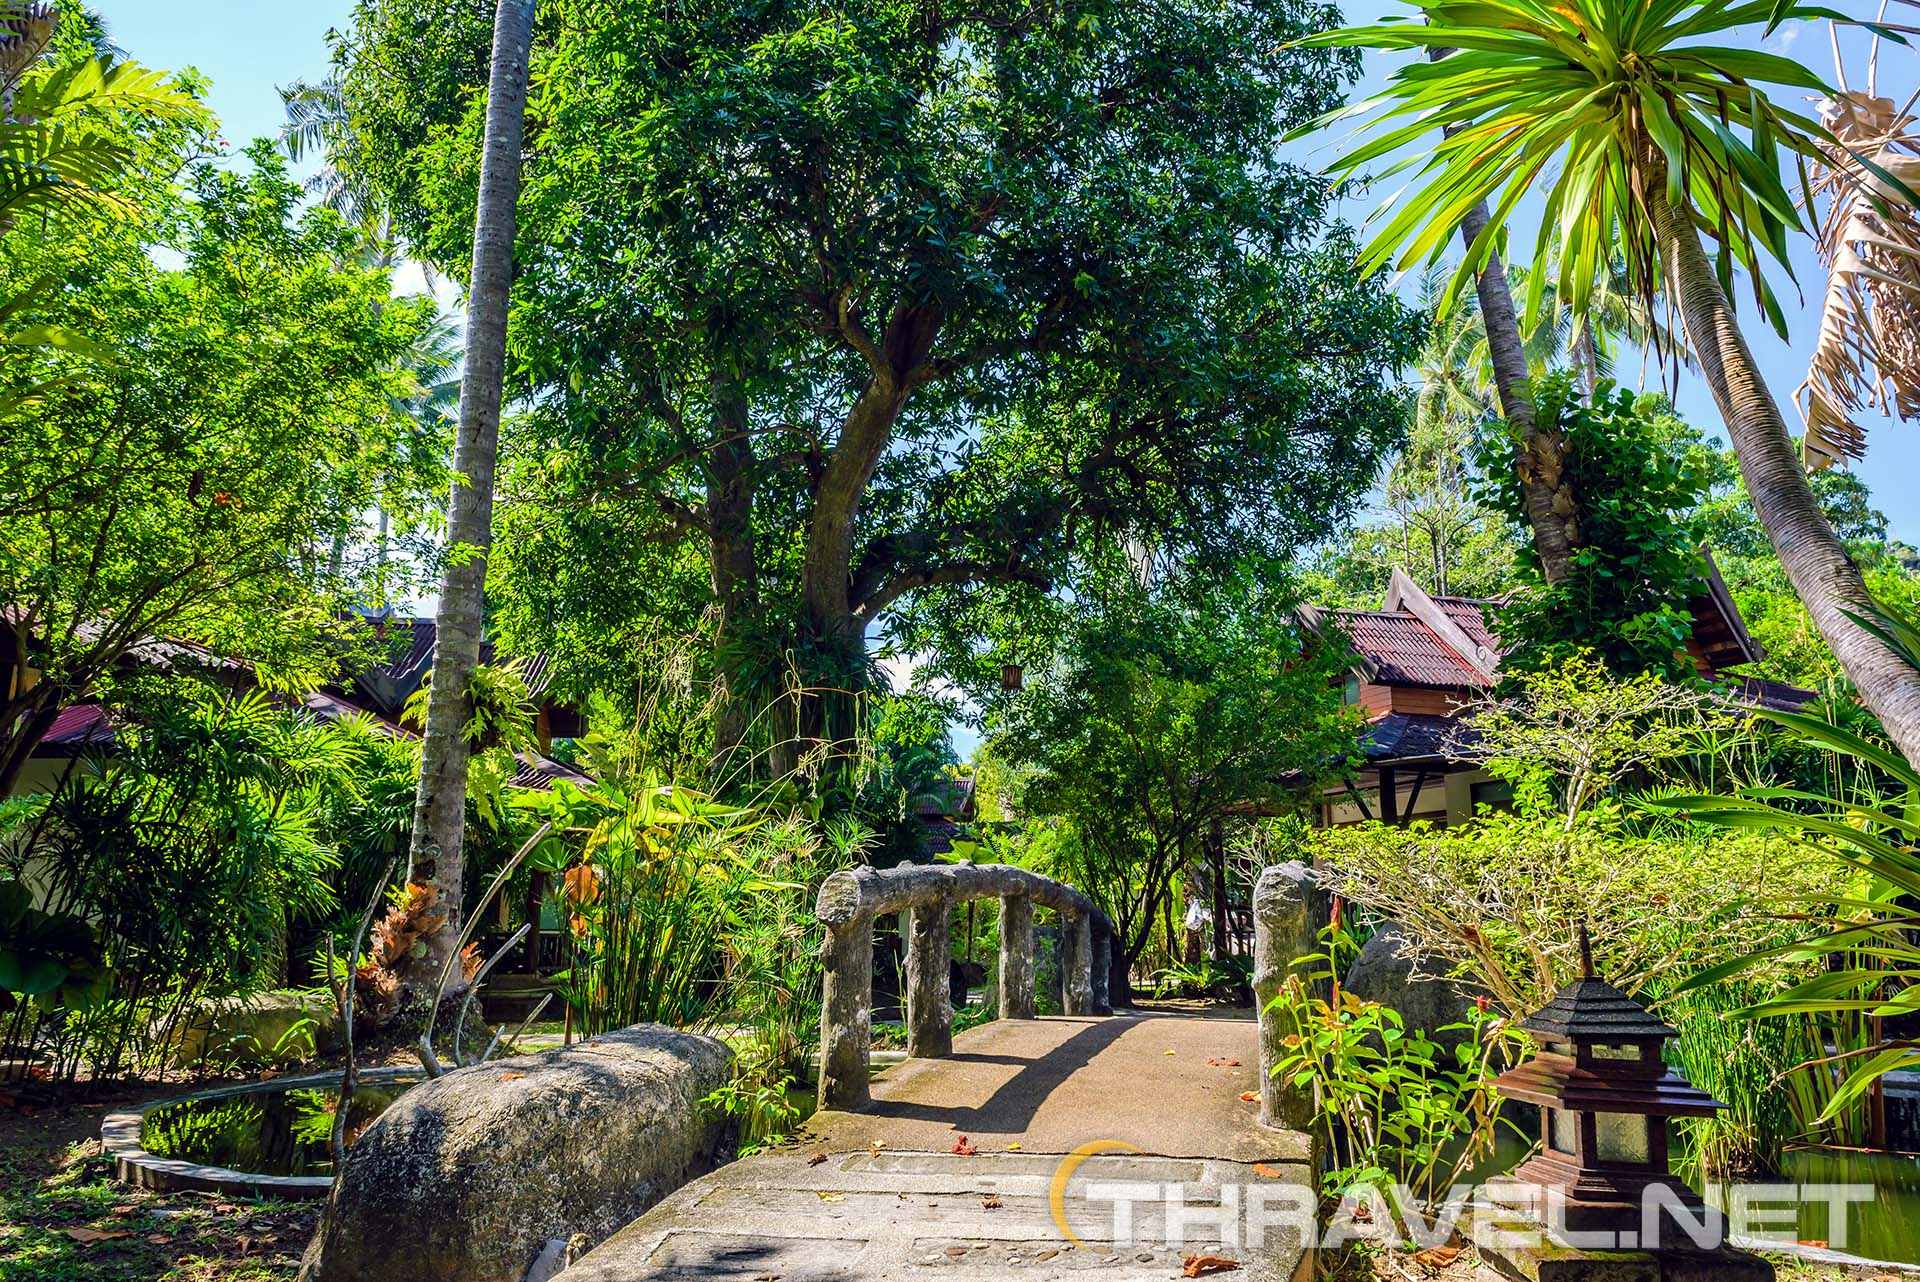 Sunset-Tropical-Resort-garden